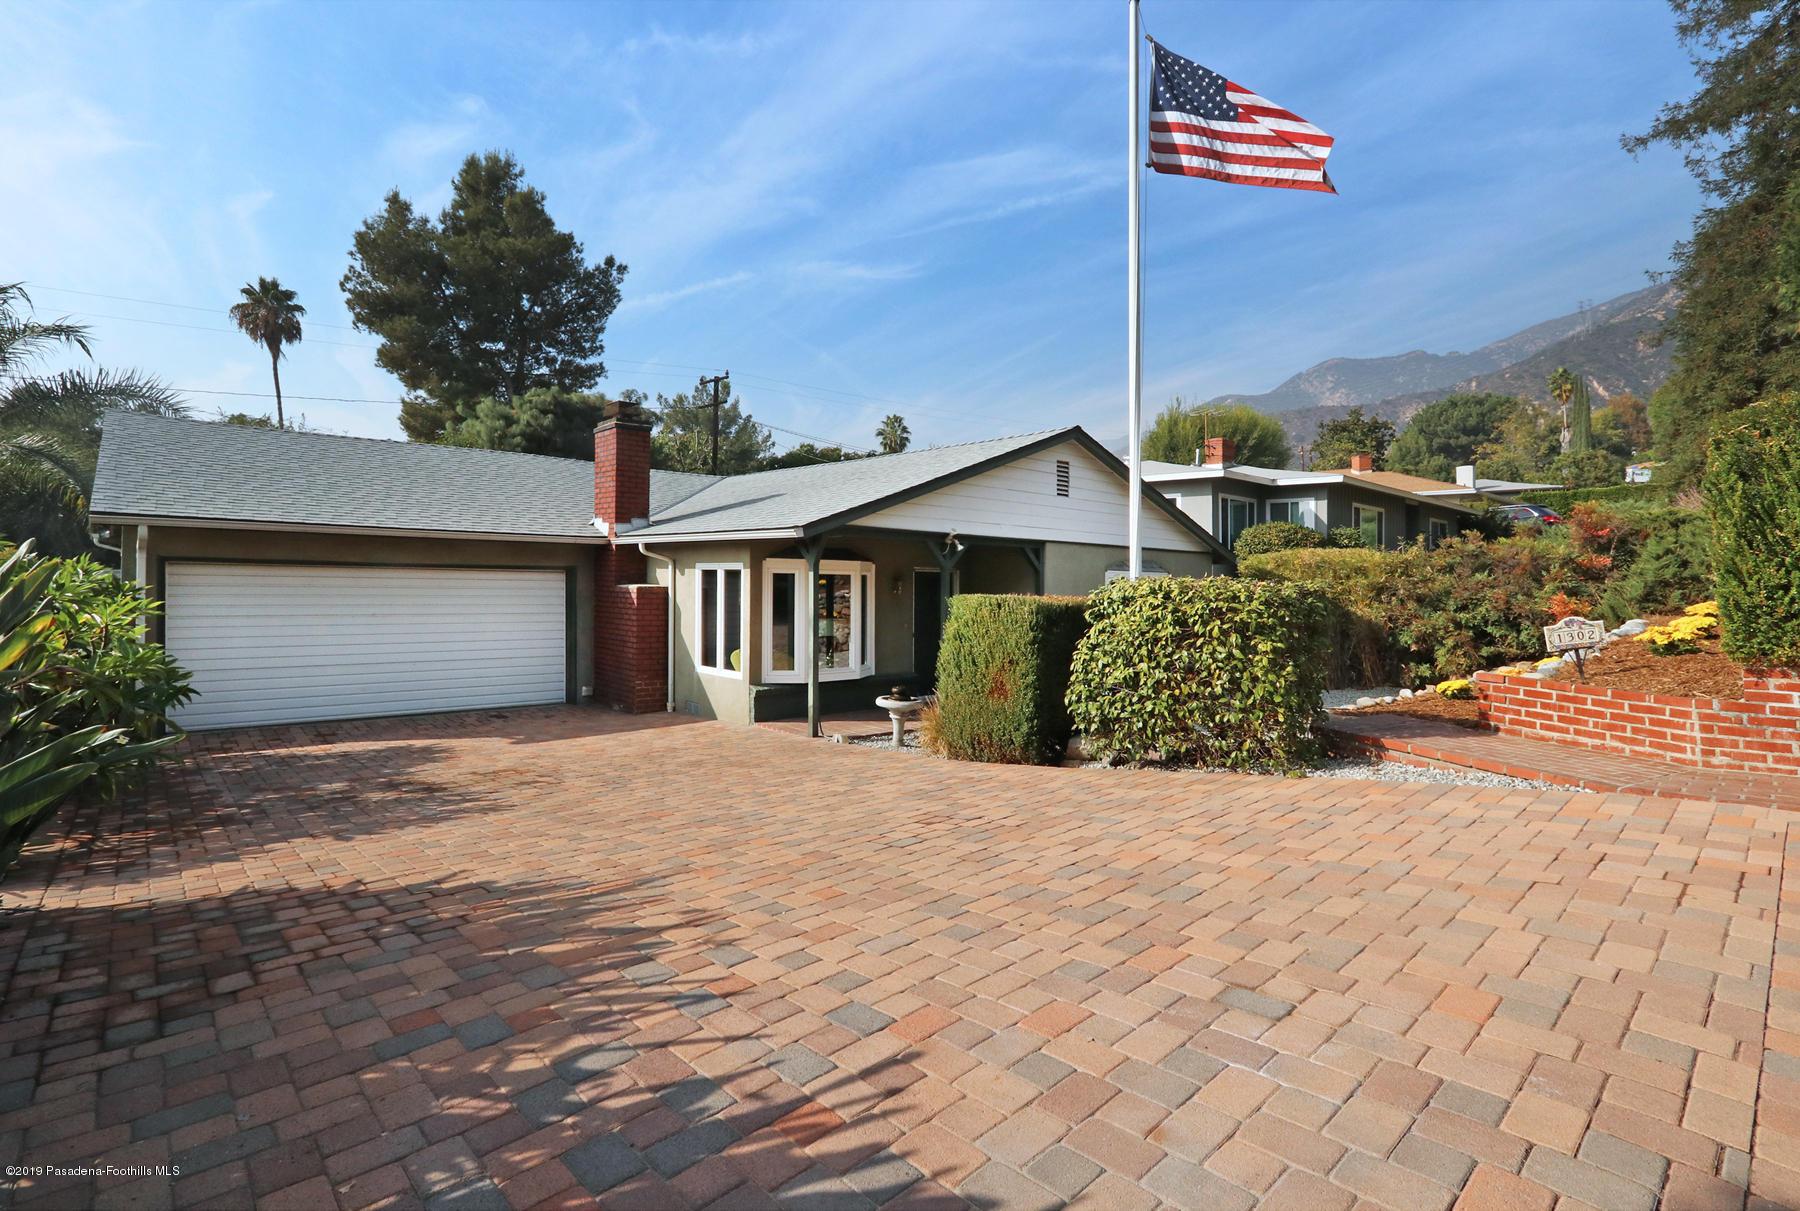 1302 E Loma Alta Drive, Altadena, California